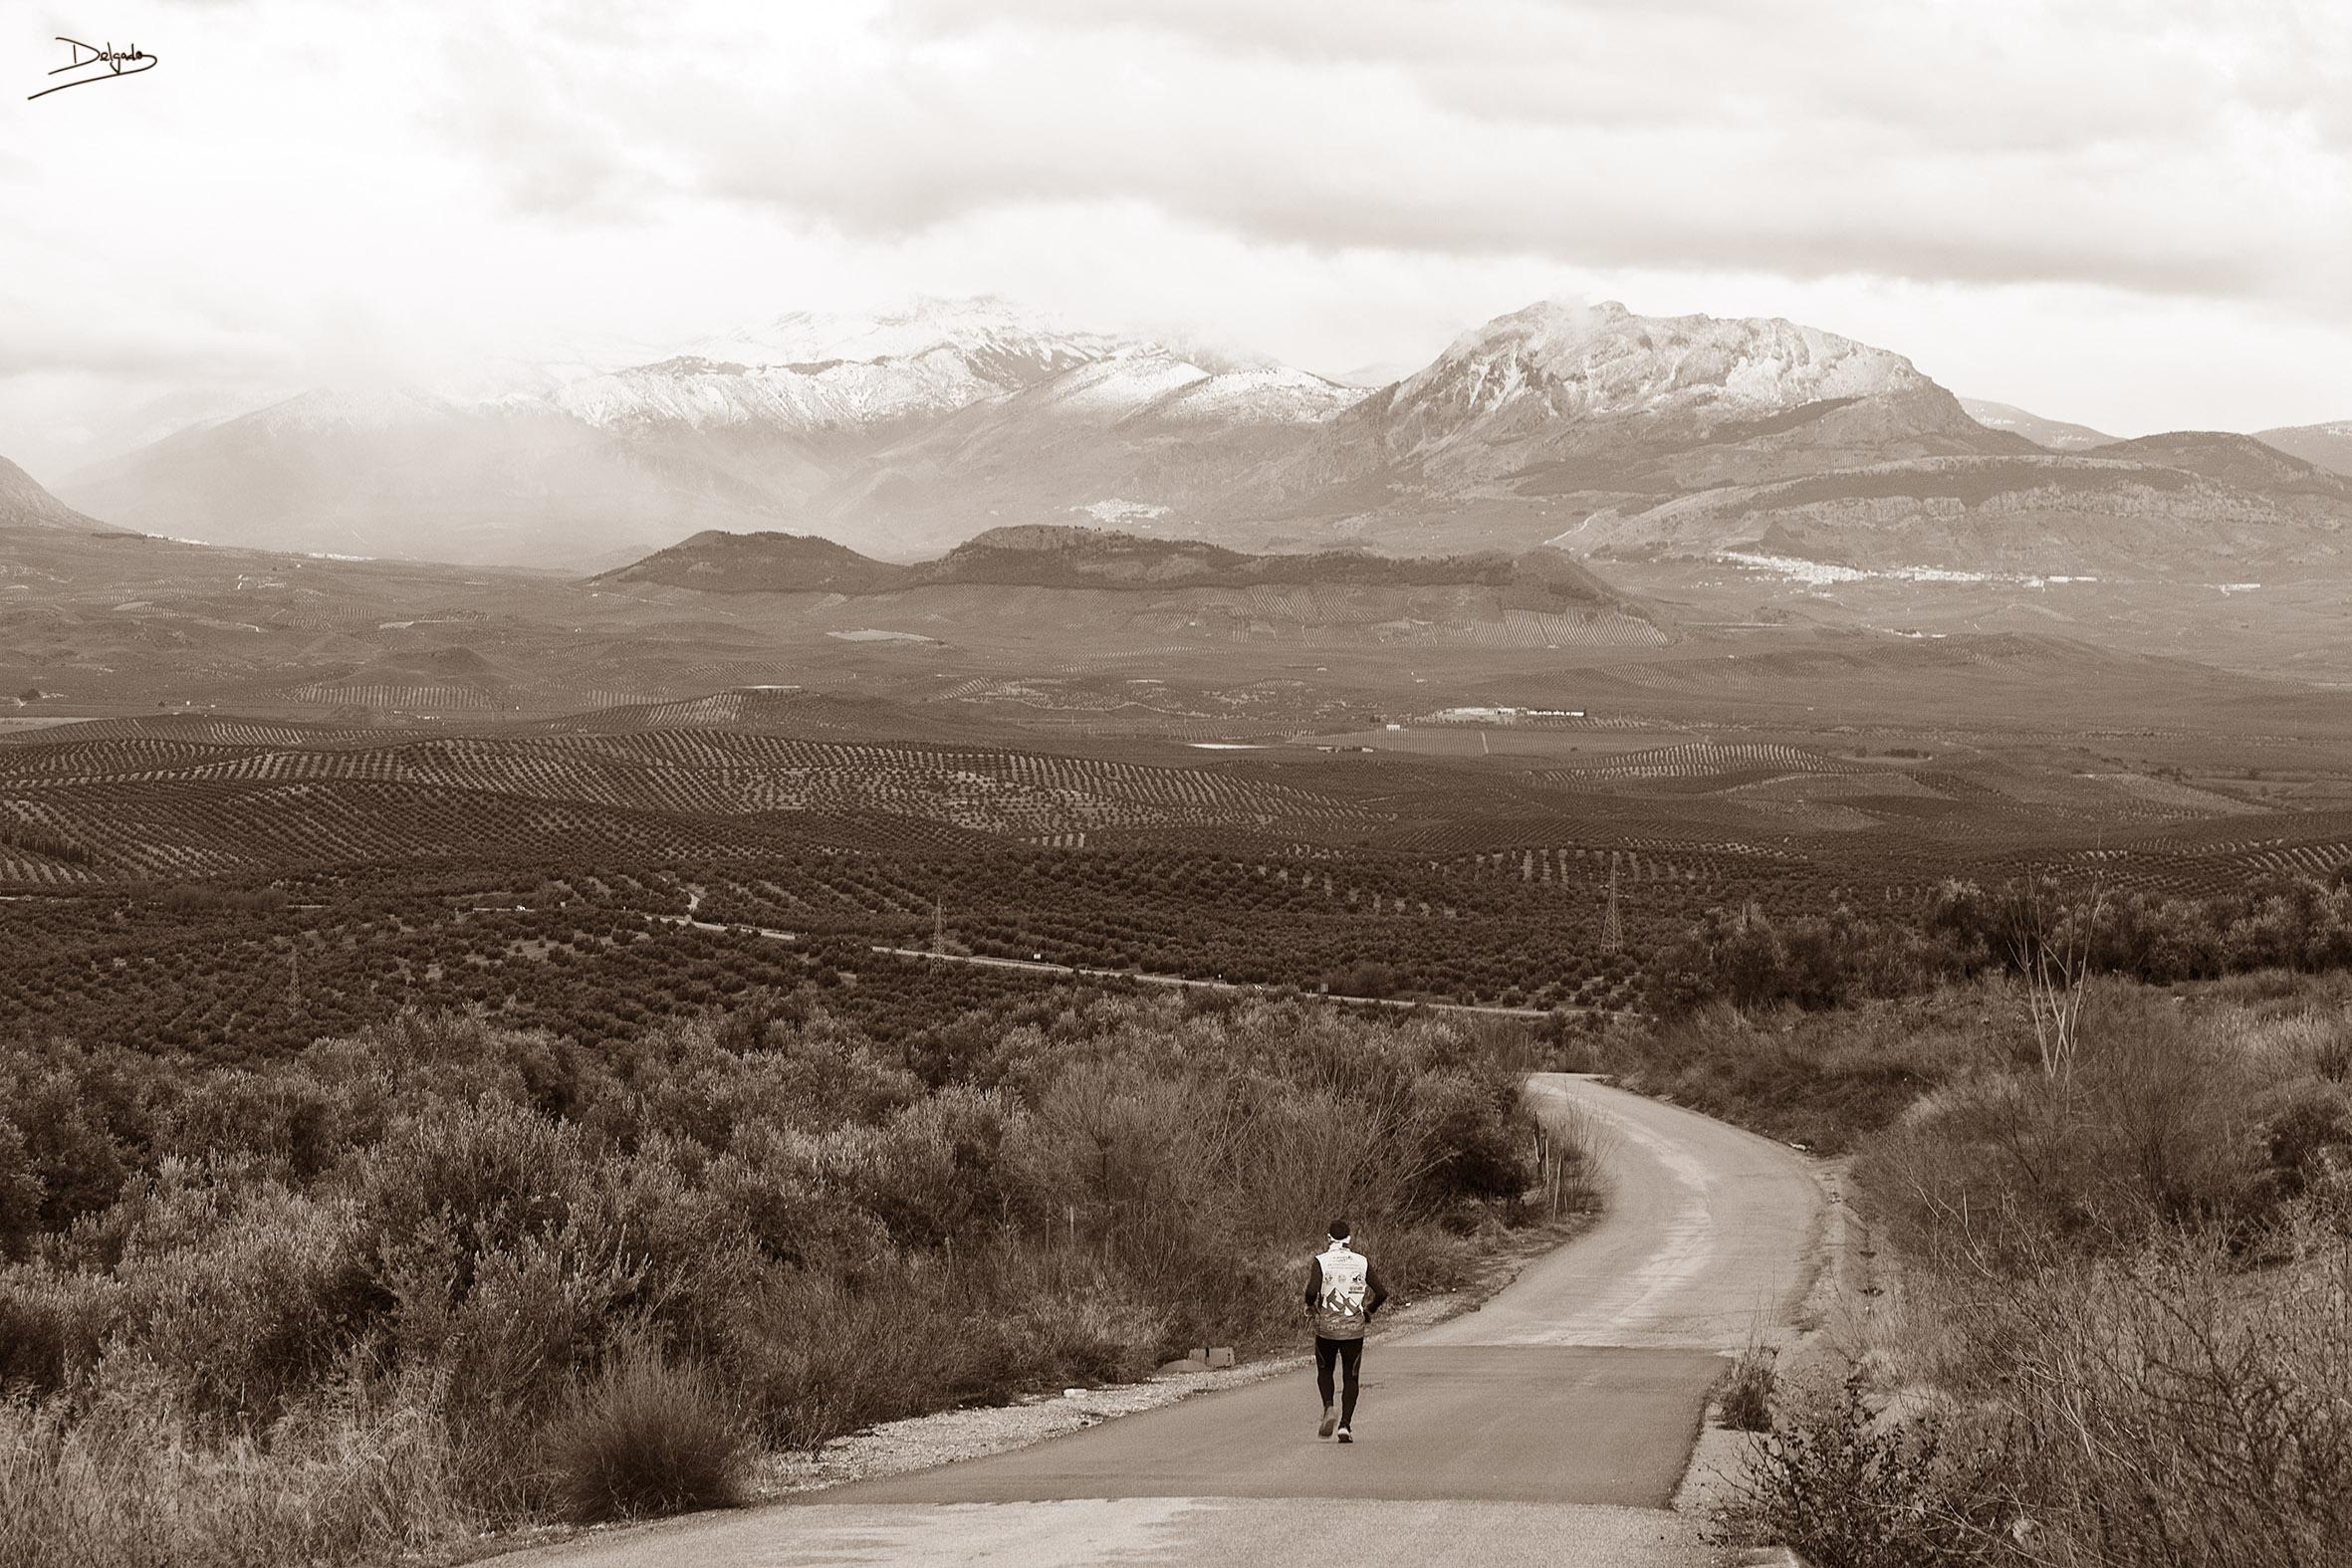 Foto del día: Soledad vs Inmensidad